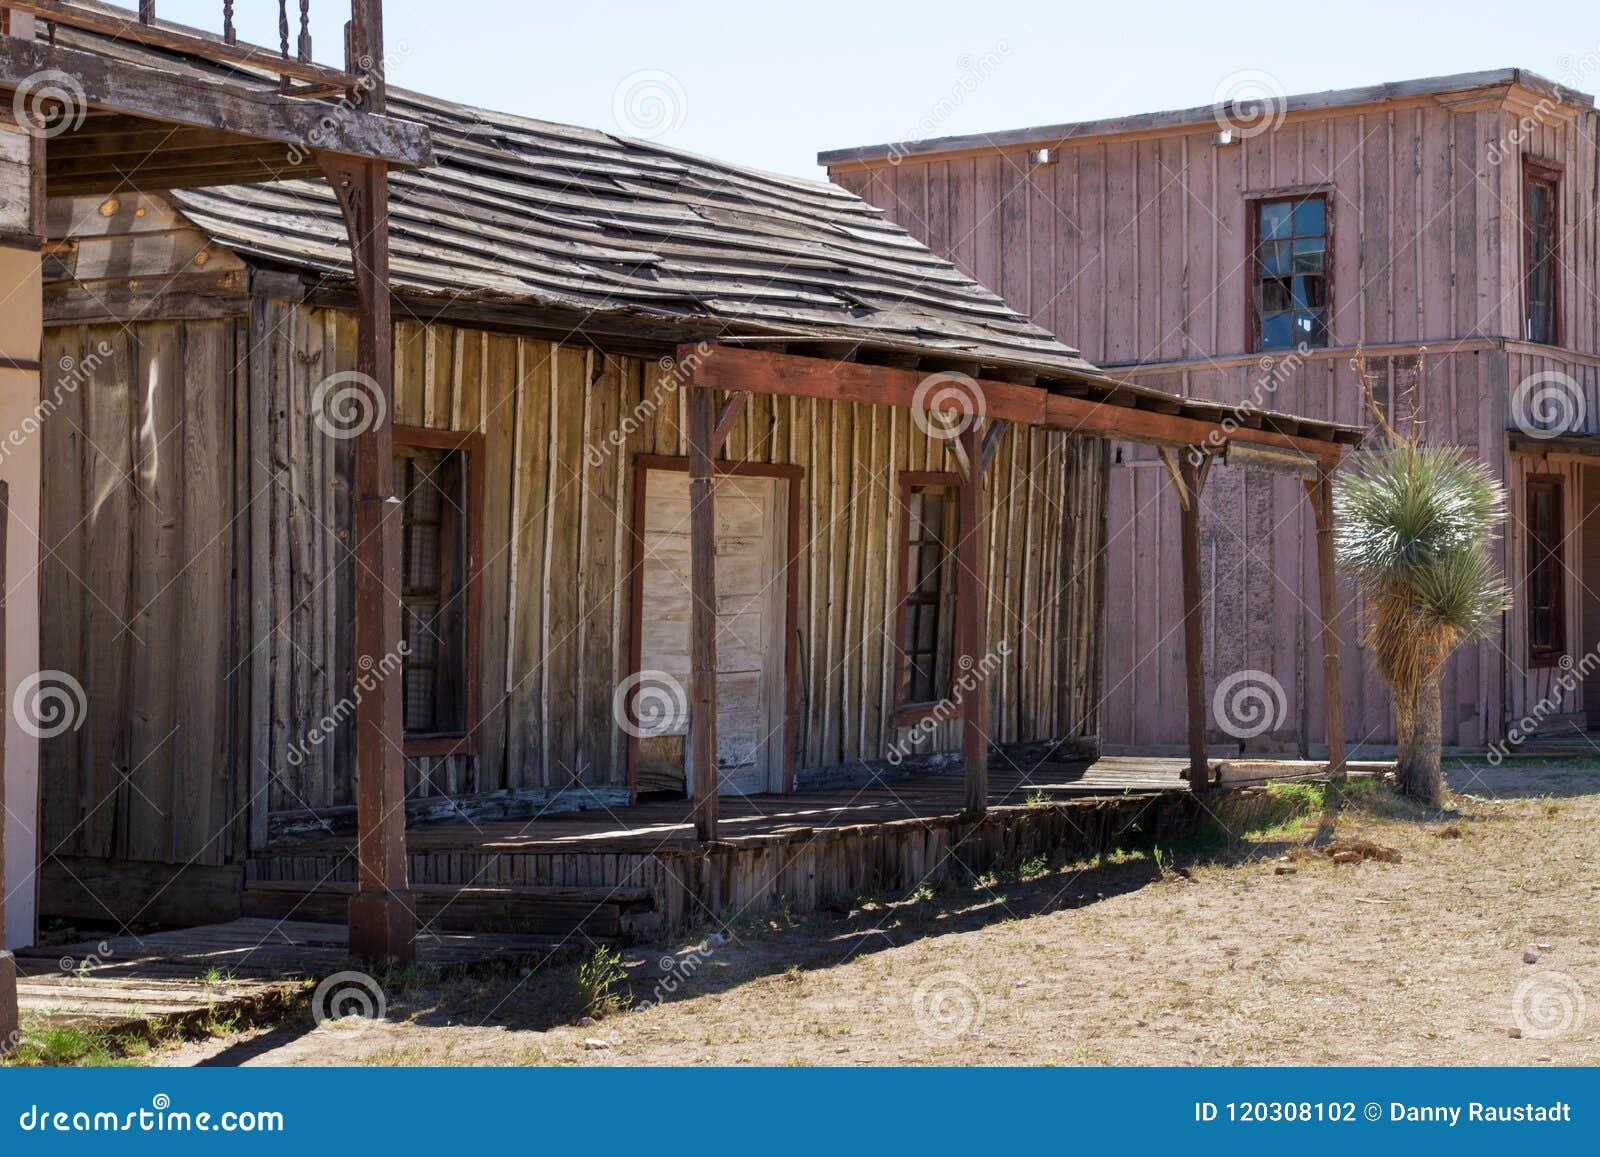 Vieux décor de film occidental sauvage de ville en Arizona